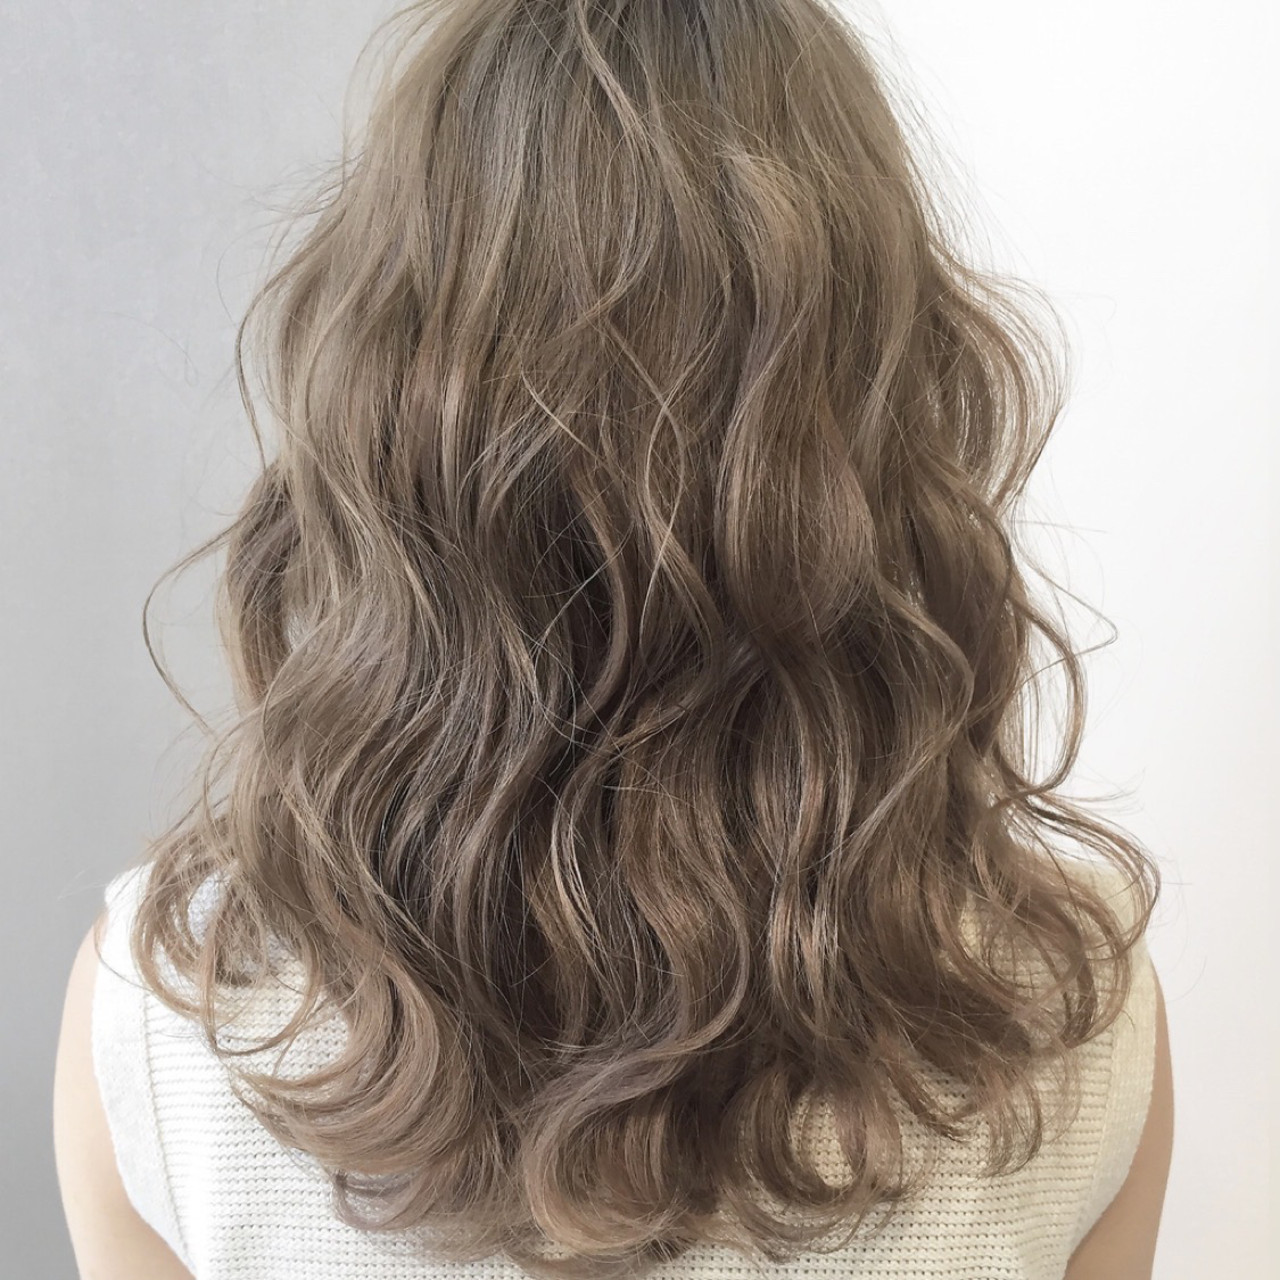 ミルクティーグレージュ ミルクティーベージュ アッシュグレージュ 簡単ヘアアレンジ ヘアスタイルや髪型の写真・画像